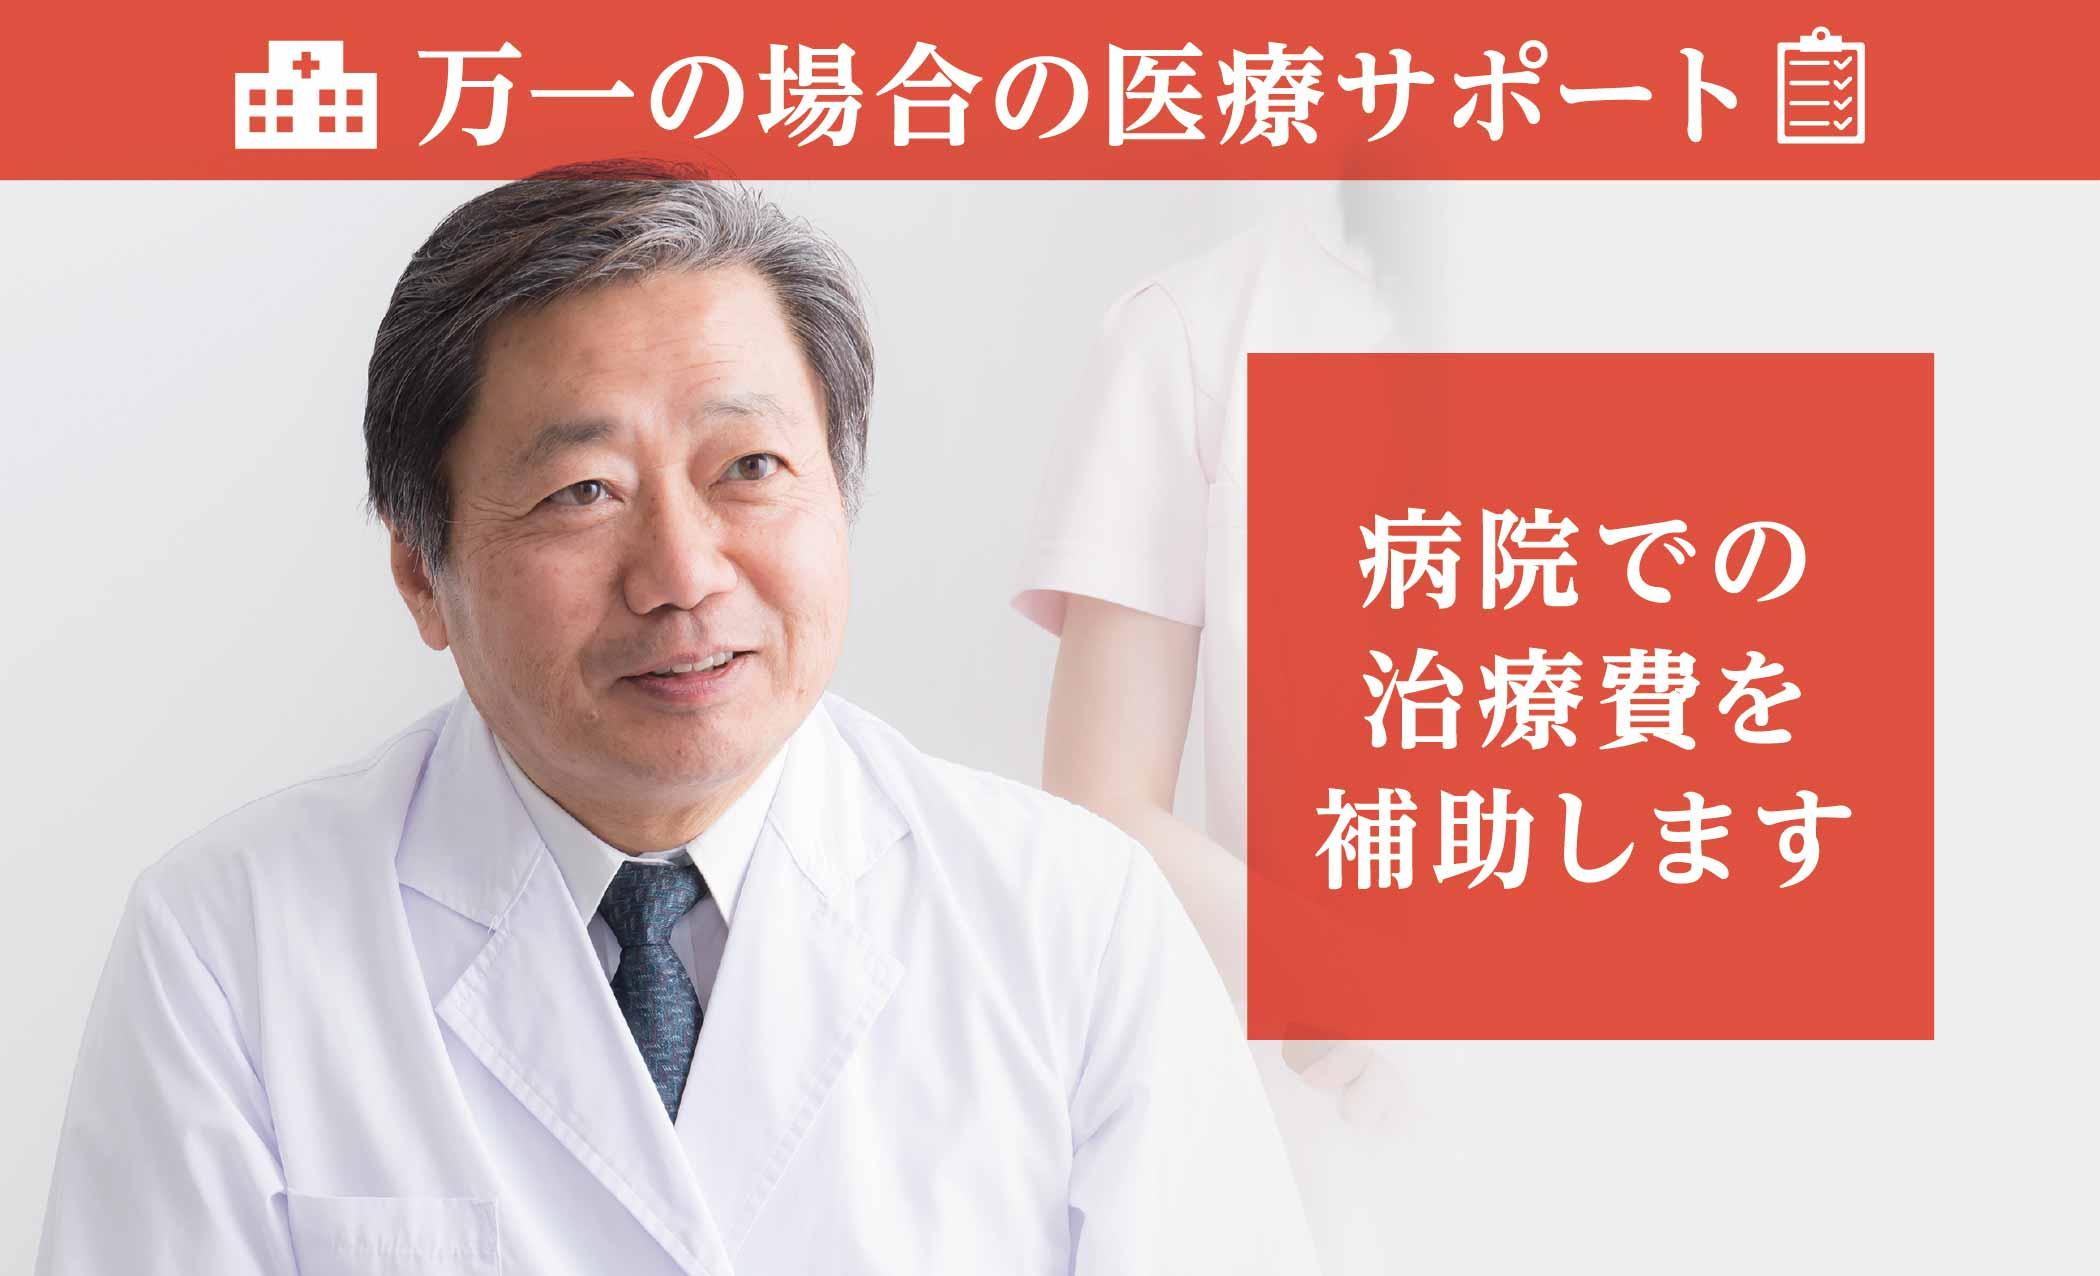 万一の場合の医療サポート 病院での治療費を最大1万円補助します